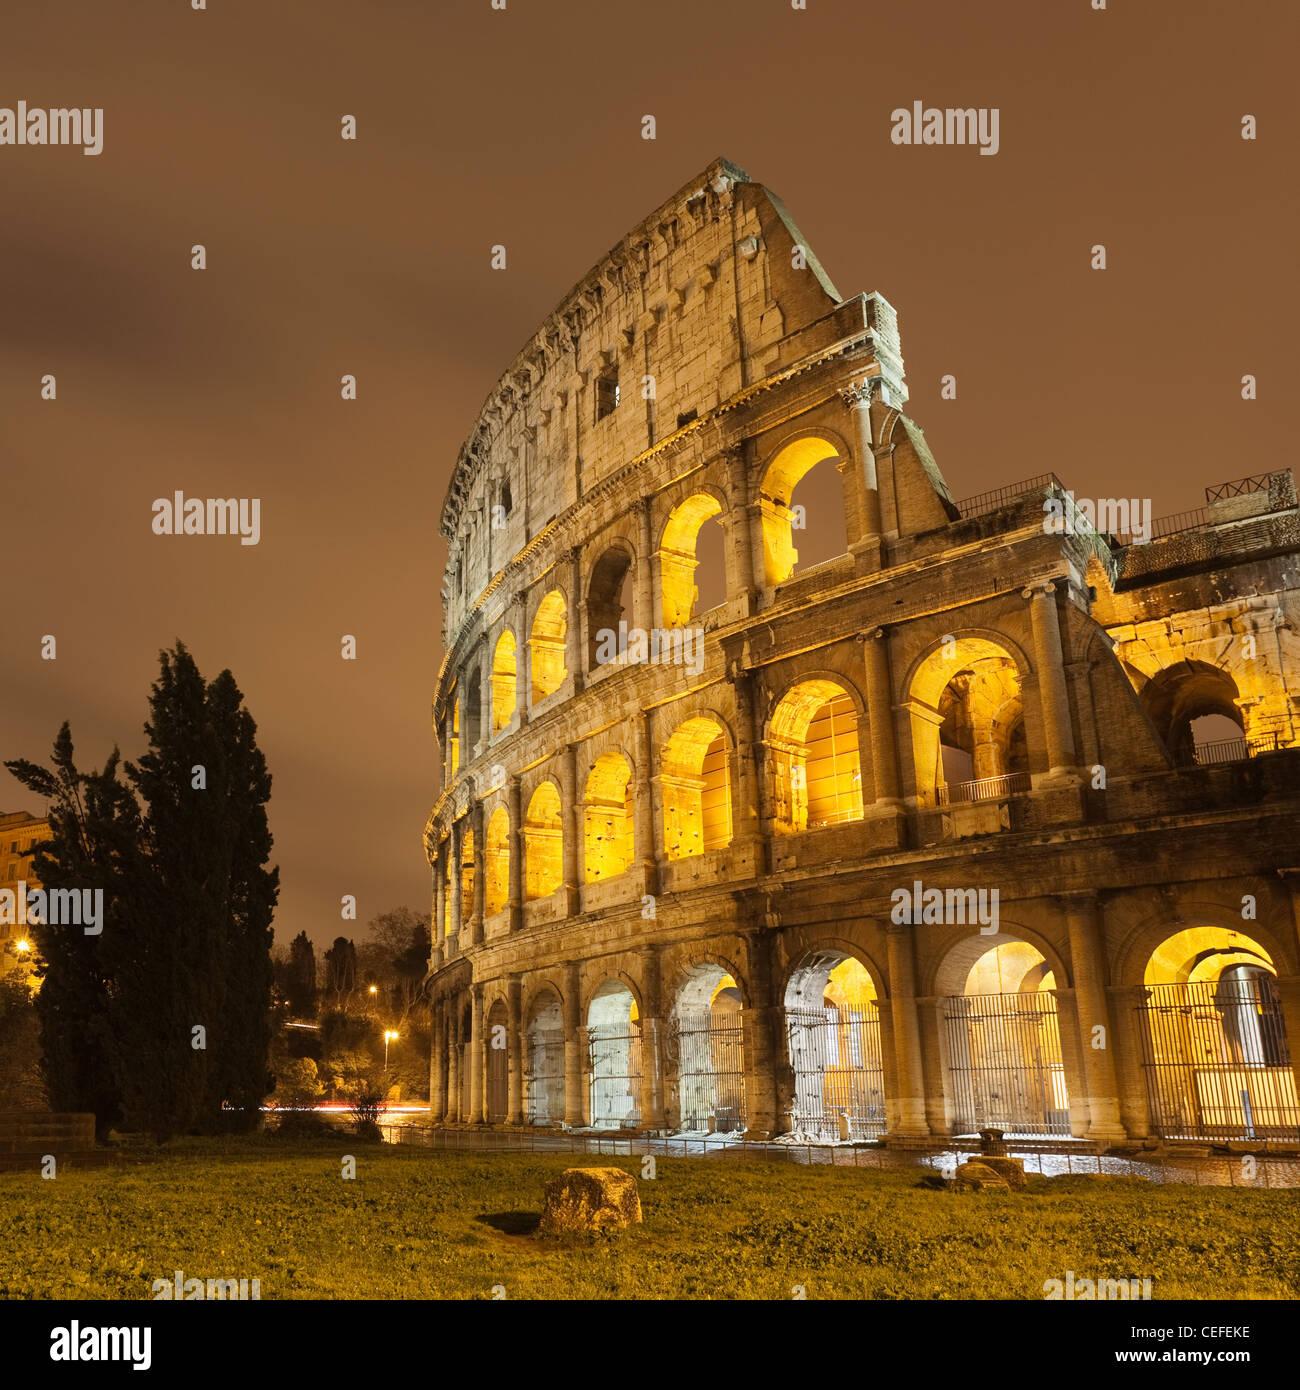 Colosseo di Roma illuminata di notte Immagini Stock